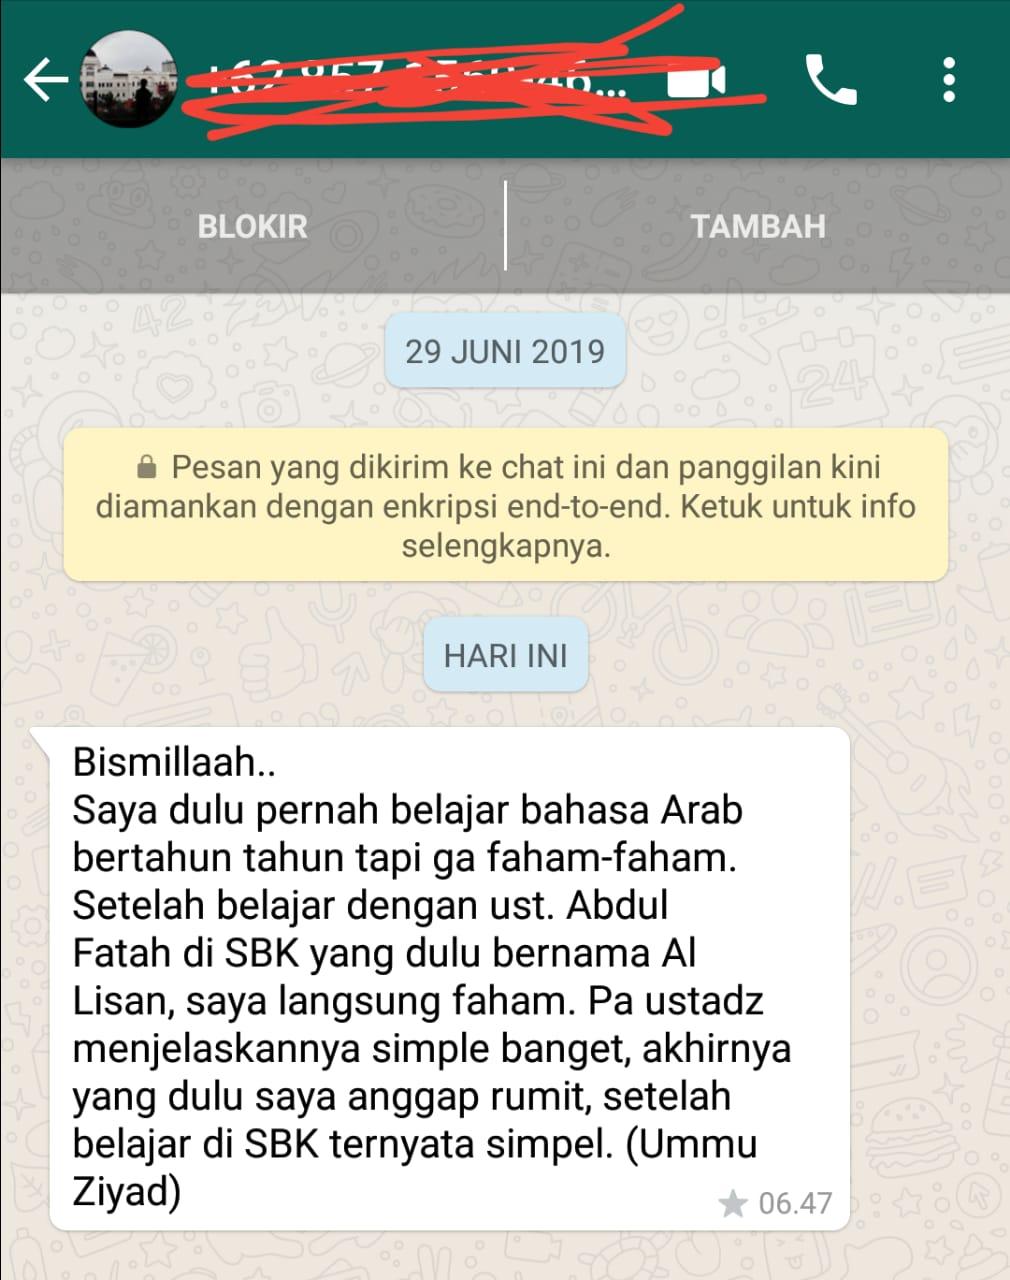 WhatsApp-Image-2019-08-24-at-6.47.14-AM-1.jpeg